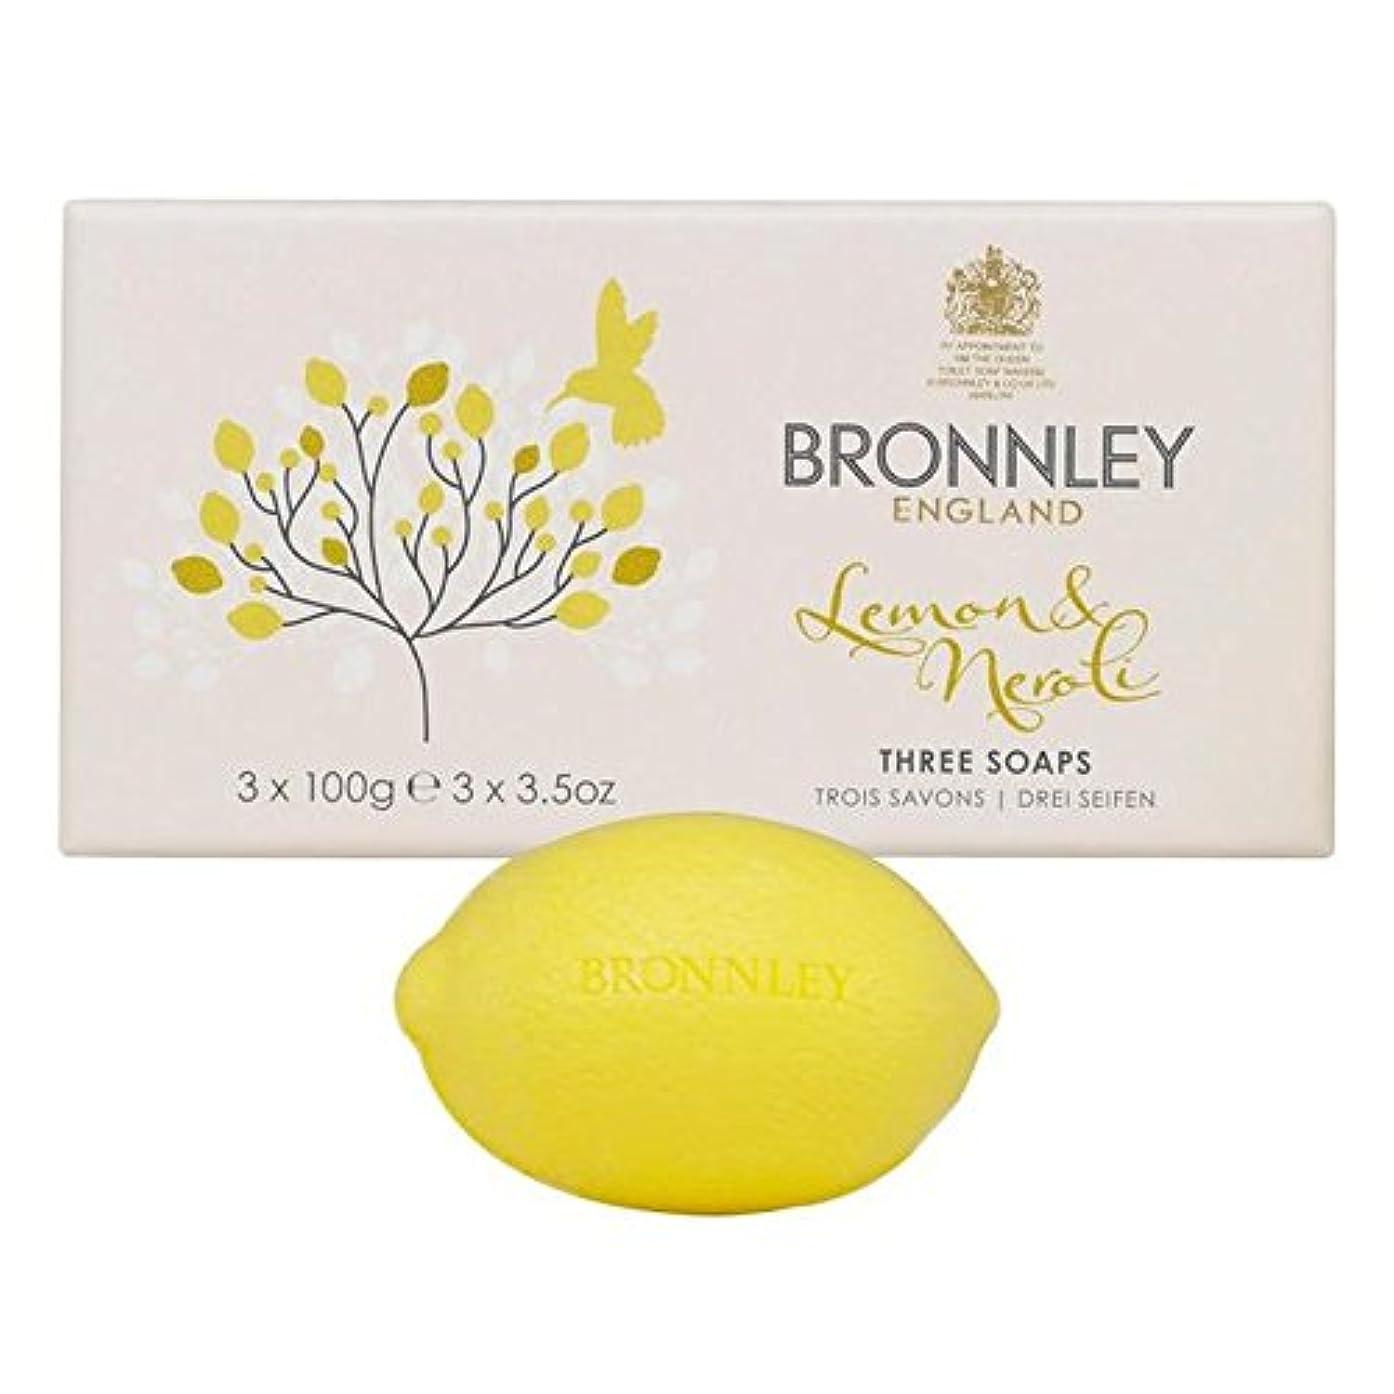 脱臼する雨株式会社Bronnley Lemon & Neroli Soaps 3 x 100g (Pack of 6) - レモン&ネロリ石鹸3×100グラム x6 [並行輸入品]